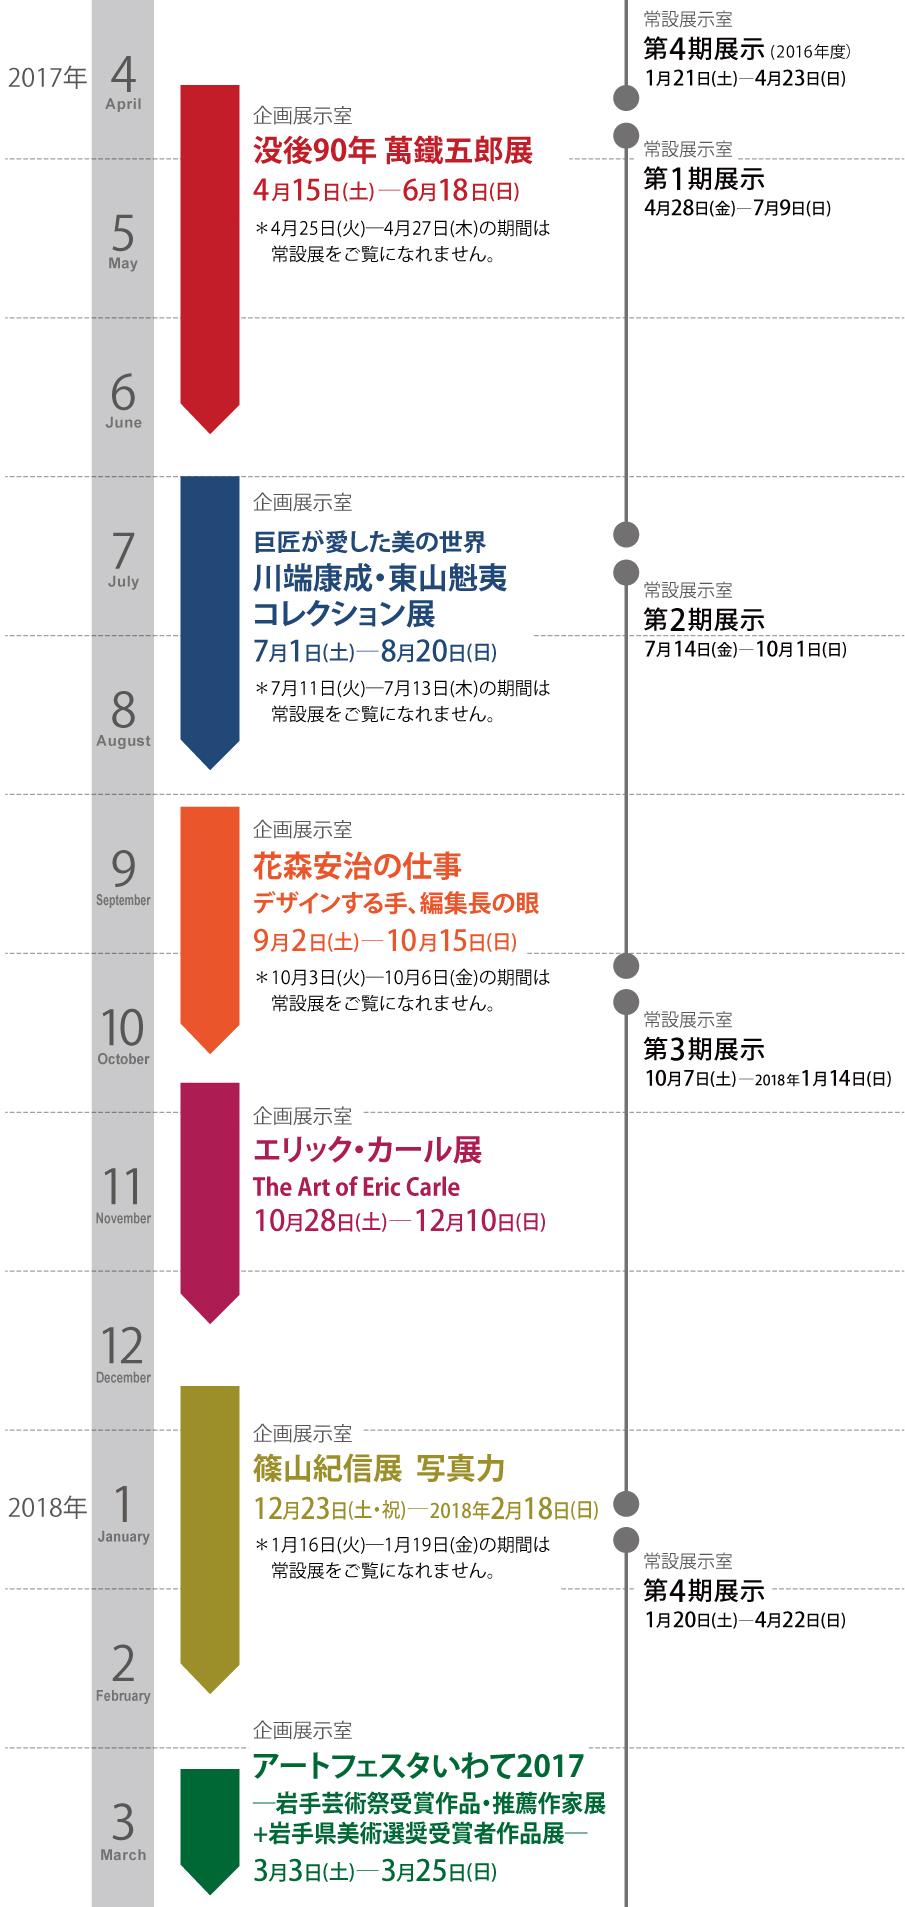 展覧会/年間スケジュール2017-2018